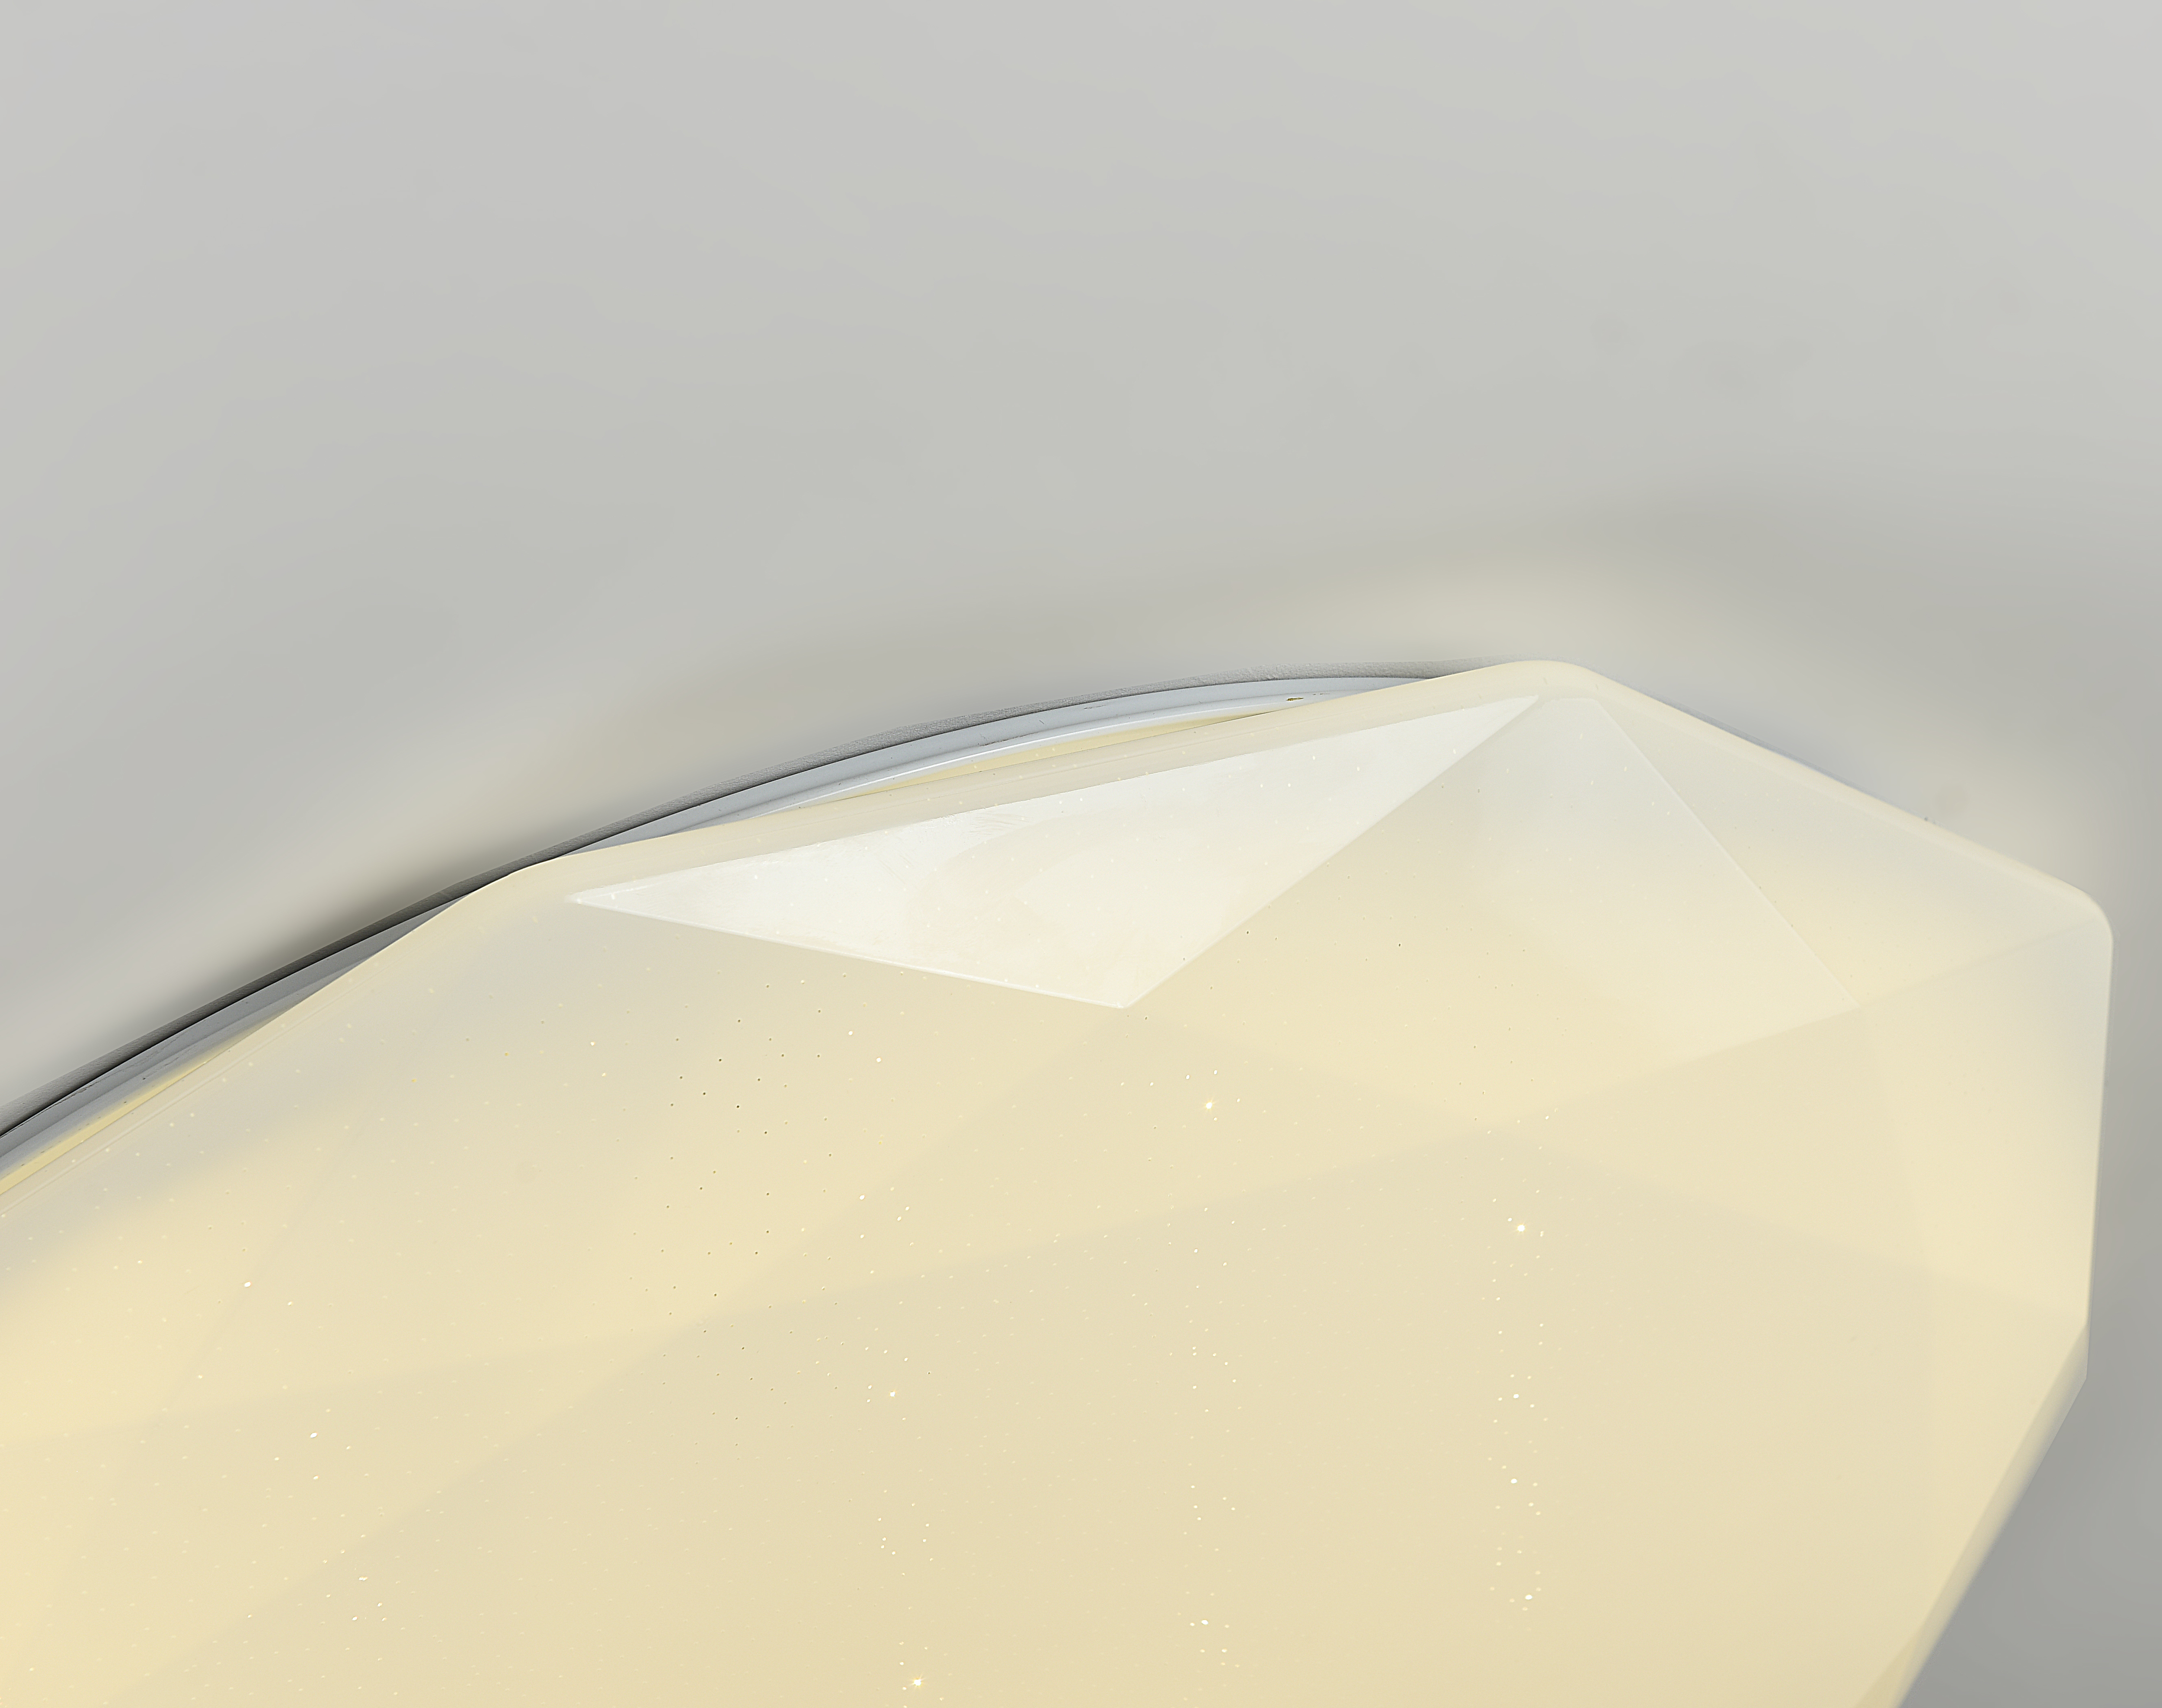 Потолочный светильник с пультом ДУ Favourite F-Promo Perpetum 2317-7C 3000-6500K, белый, металл, пластик - фото 2